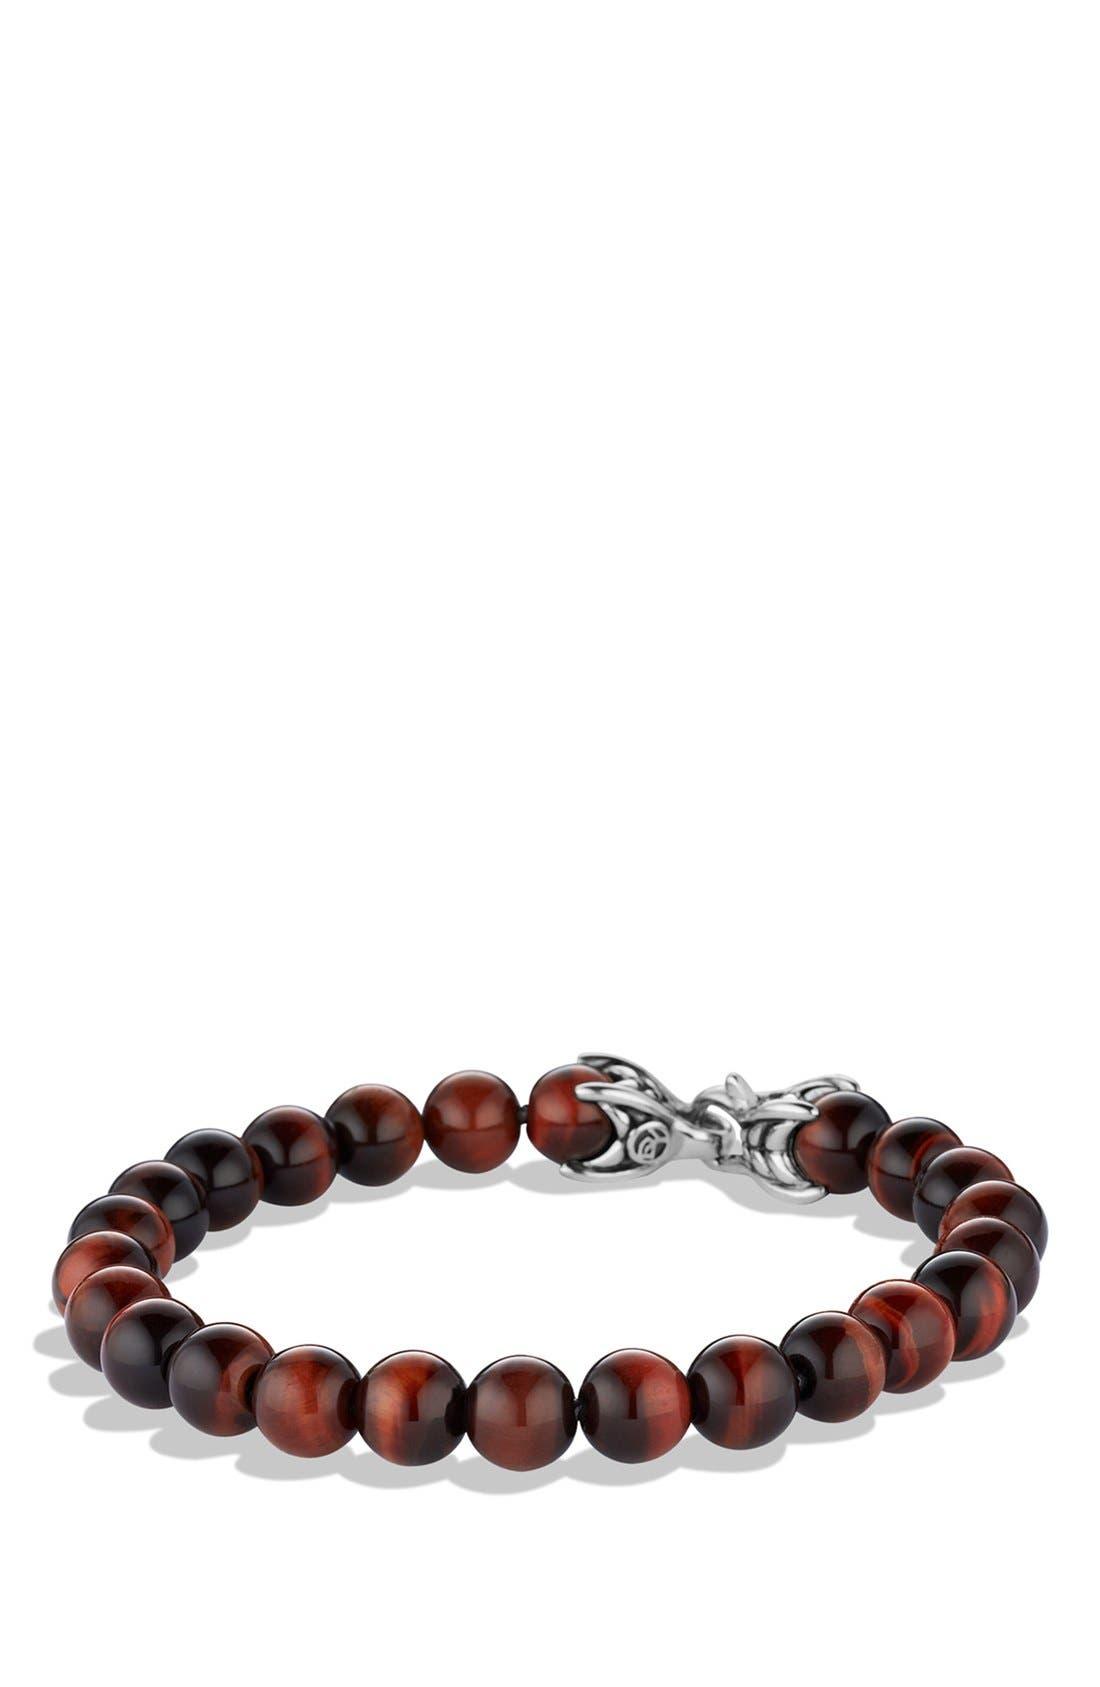 Main Image - David Yurman 'Spiritual Beads' Bracelet with Tiger's Eye